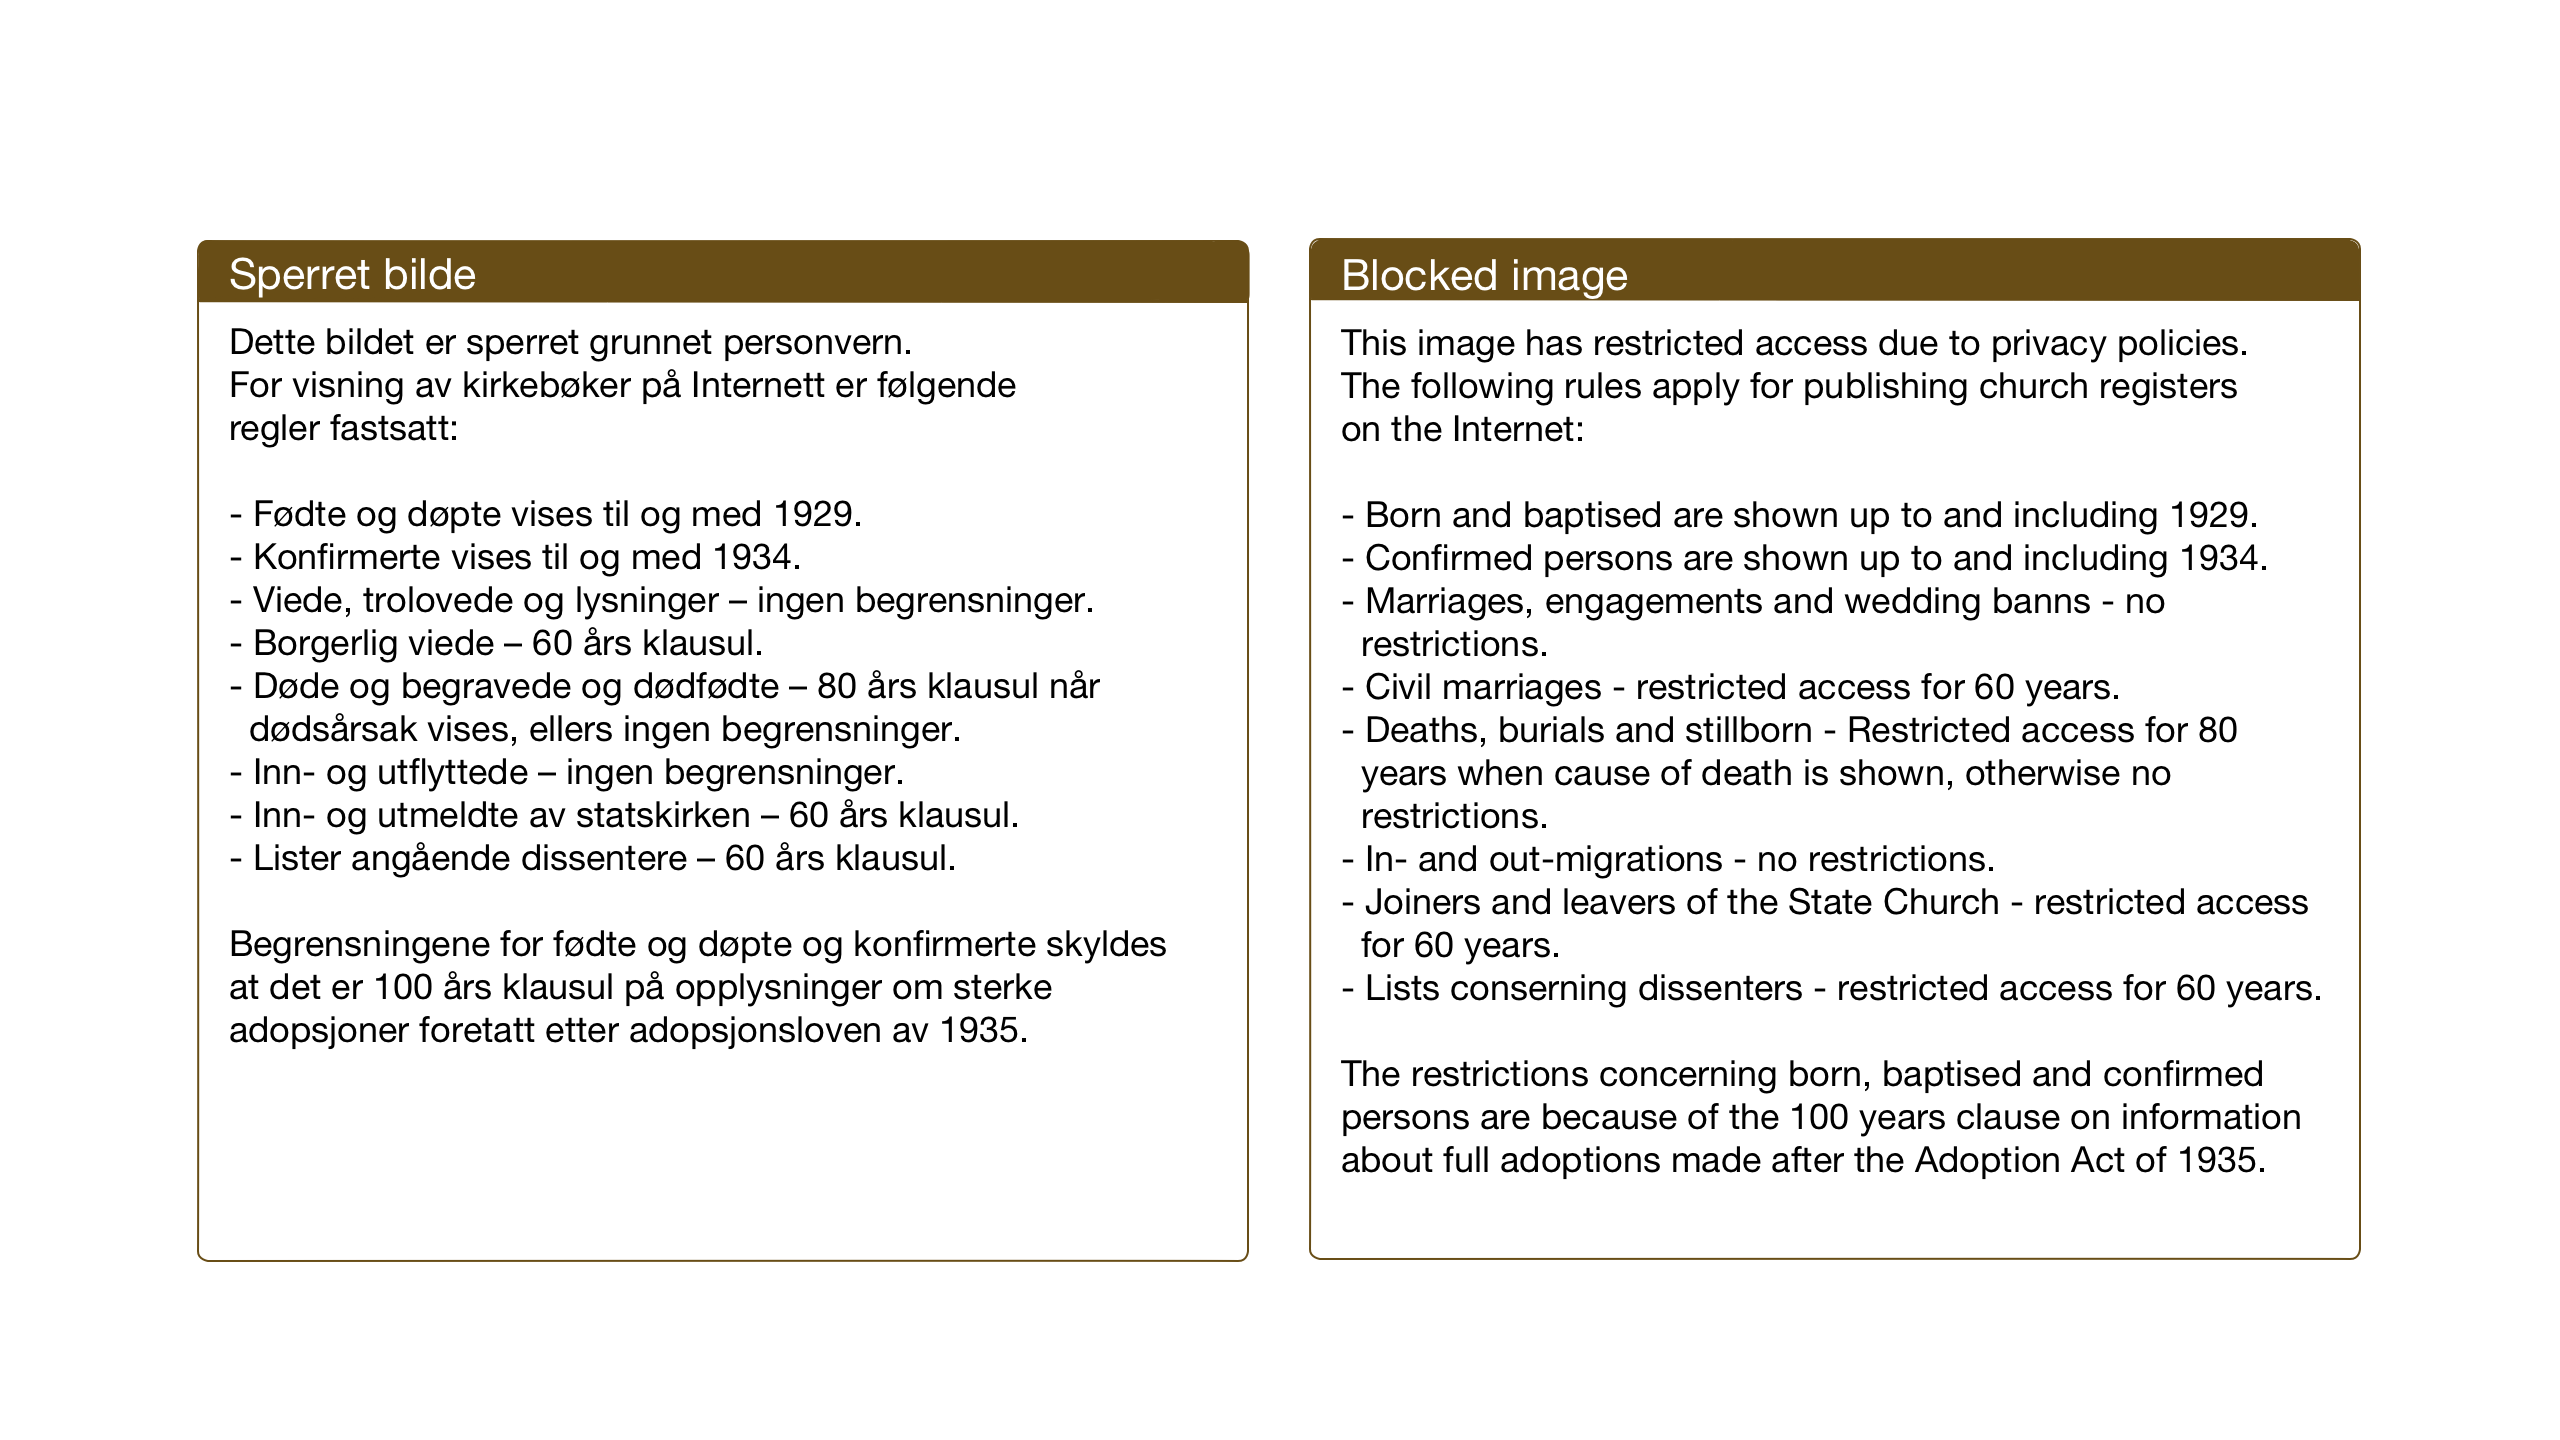 SAT, Ministerialprotokoller, klokkerbøker og fødselsregistre - Sør-Trøndelag, 607/L0327: Klokkerbok nr. 607C01, 1930-1939, s. 51